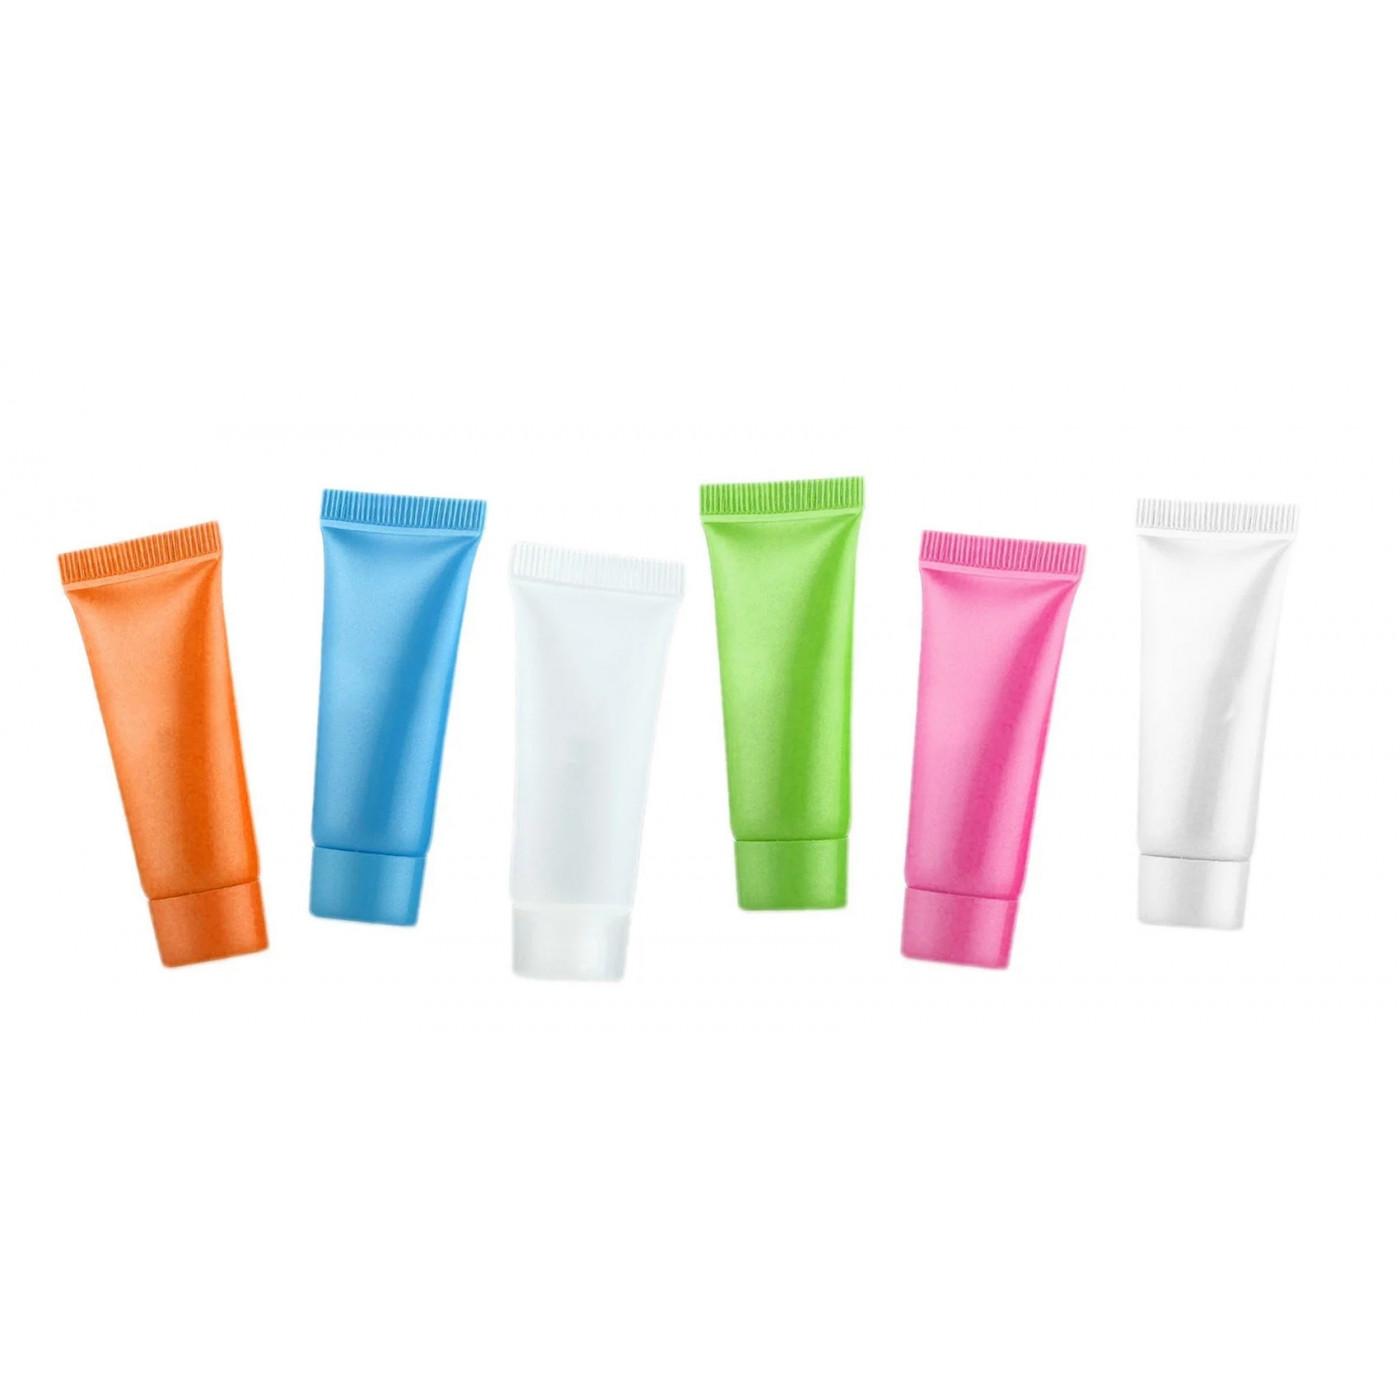 Set di 48 provette vuote ricaricabili (10 ml, colori misti)